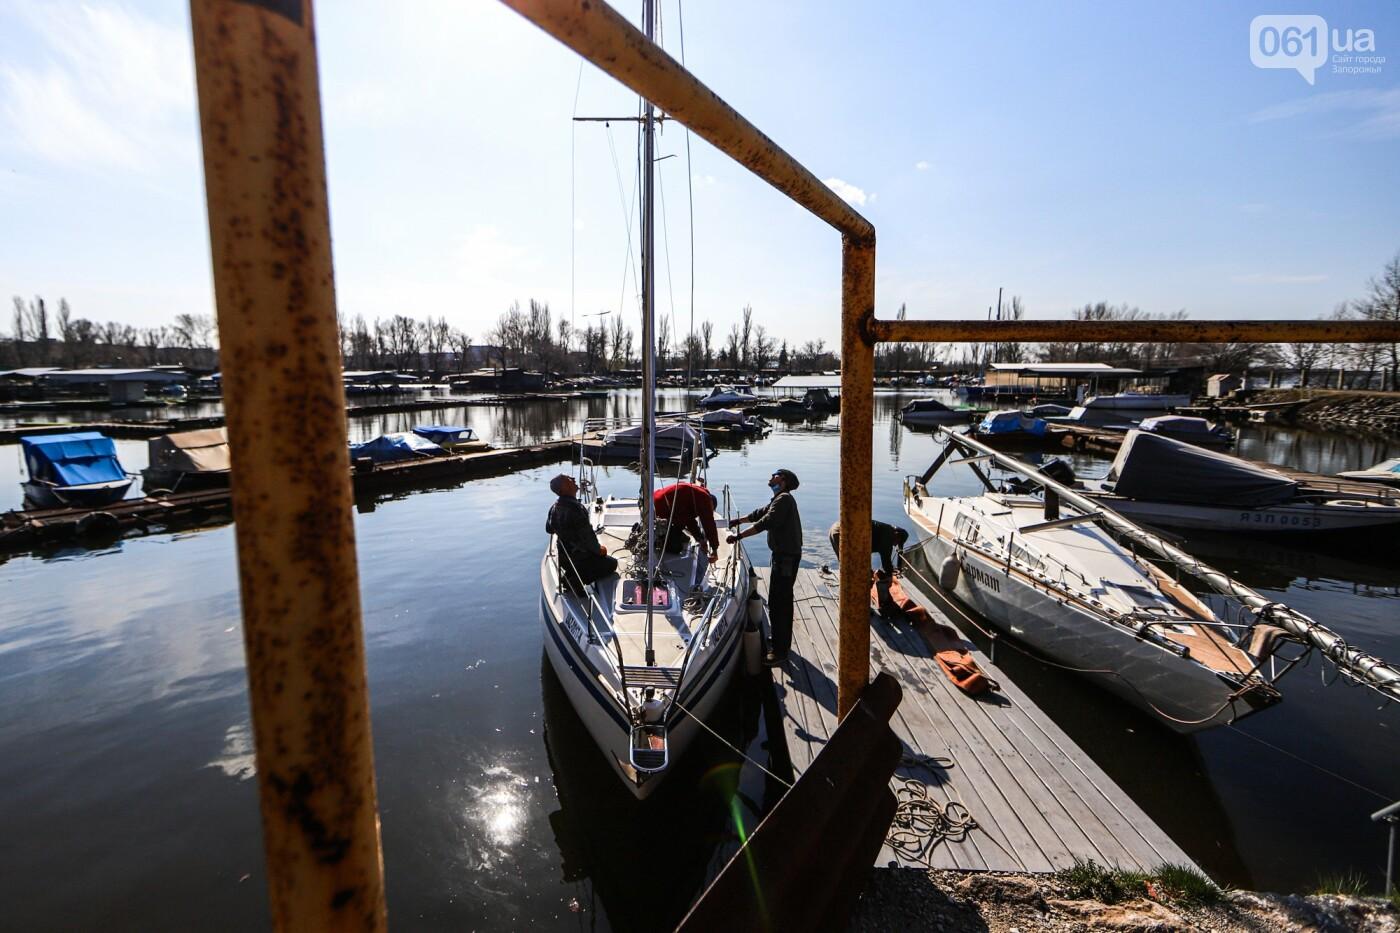 «Семь футов под килем!»: как в запорожском яхт-клубе спускали судна на воду, - ФОТОРЕПОРТАЖ , фото-36